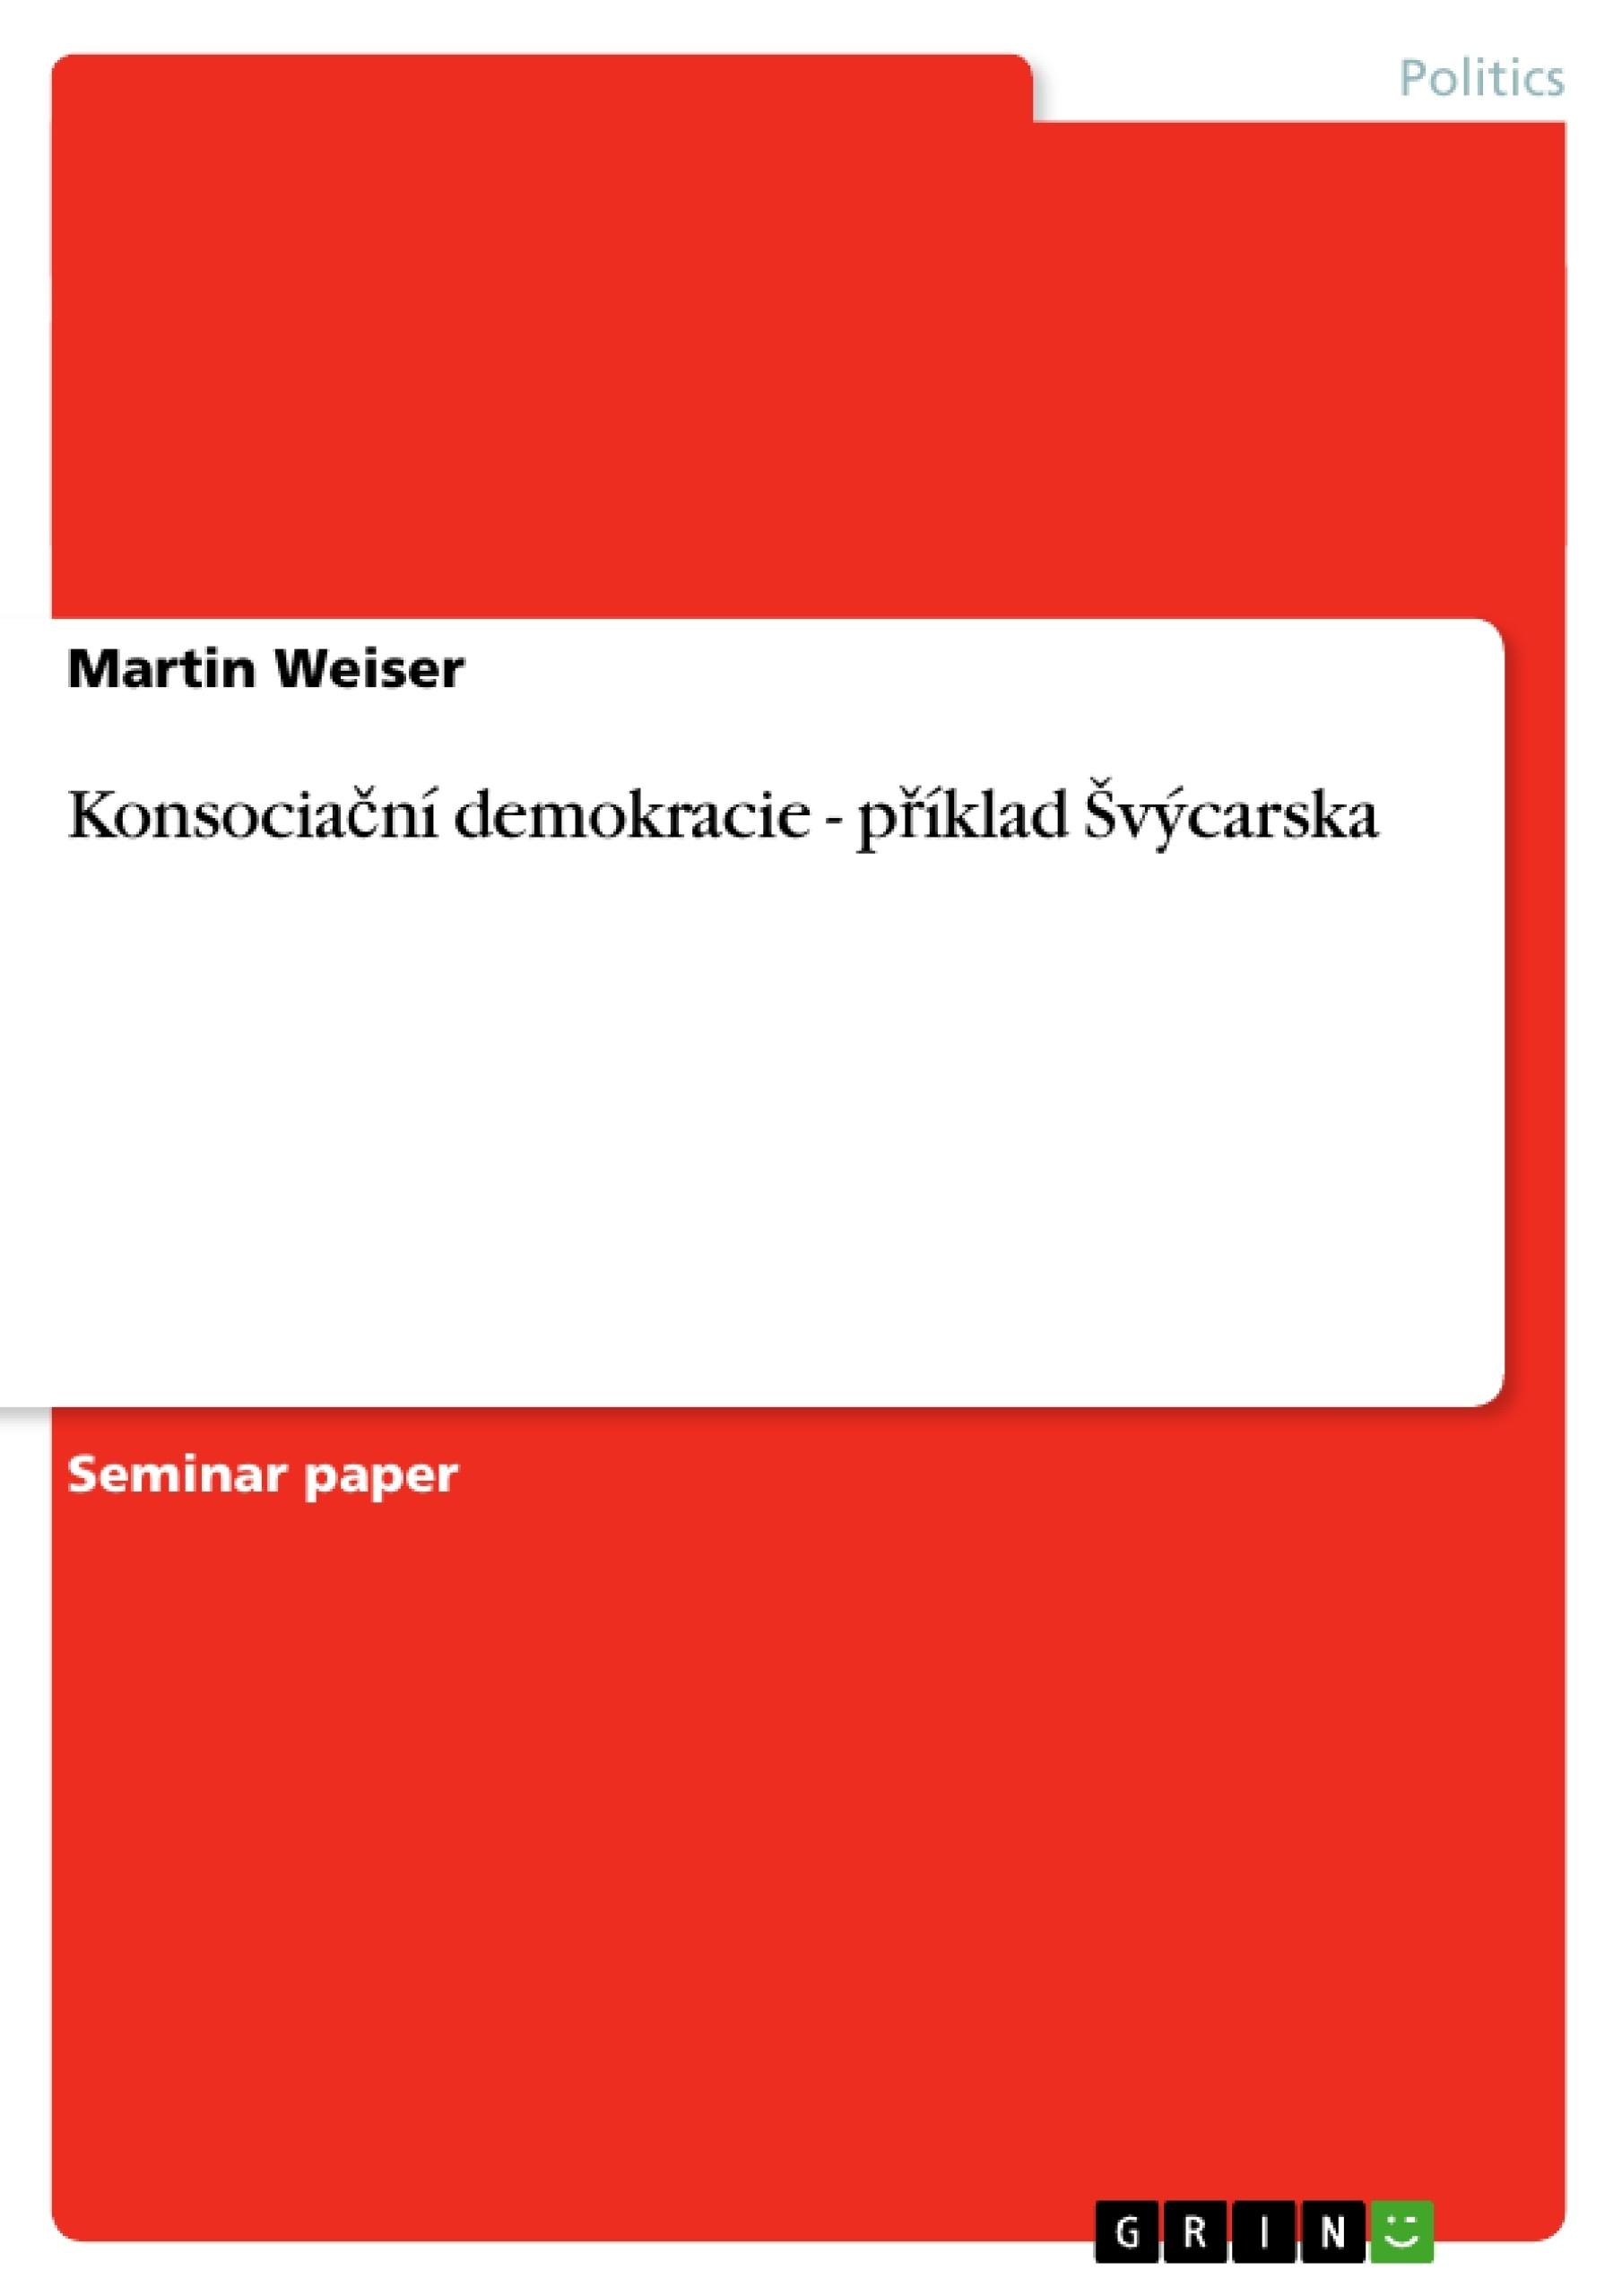 Title: Konsociační demokracie - příklad Švýcarska